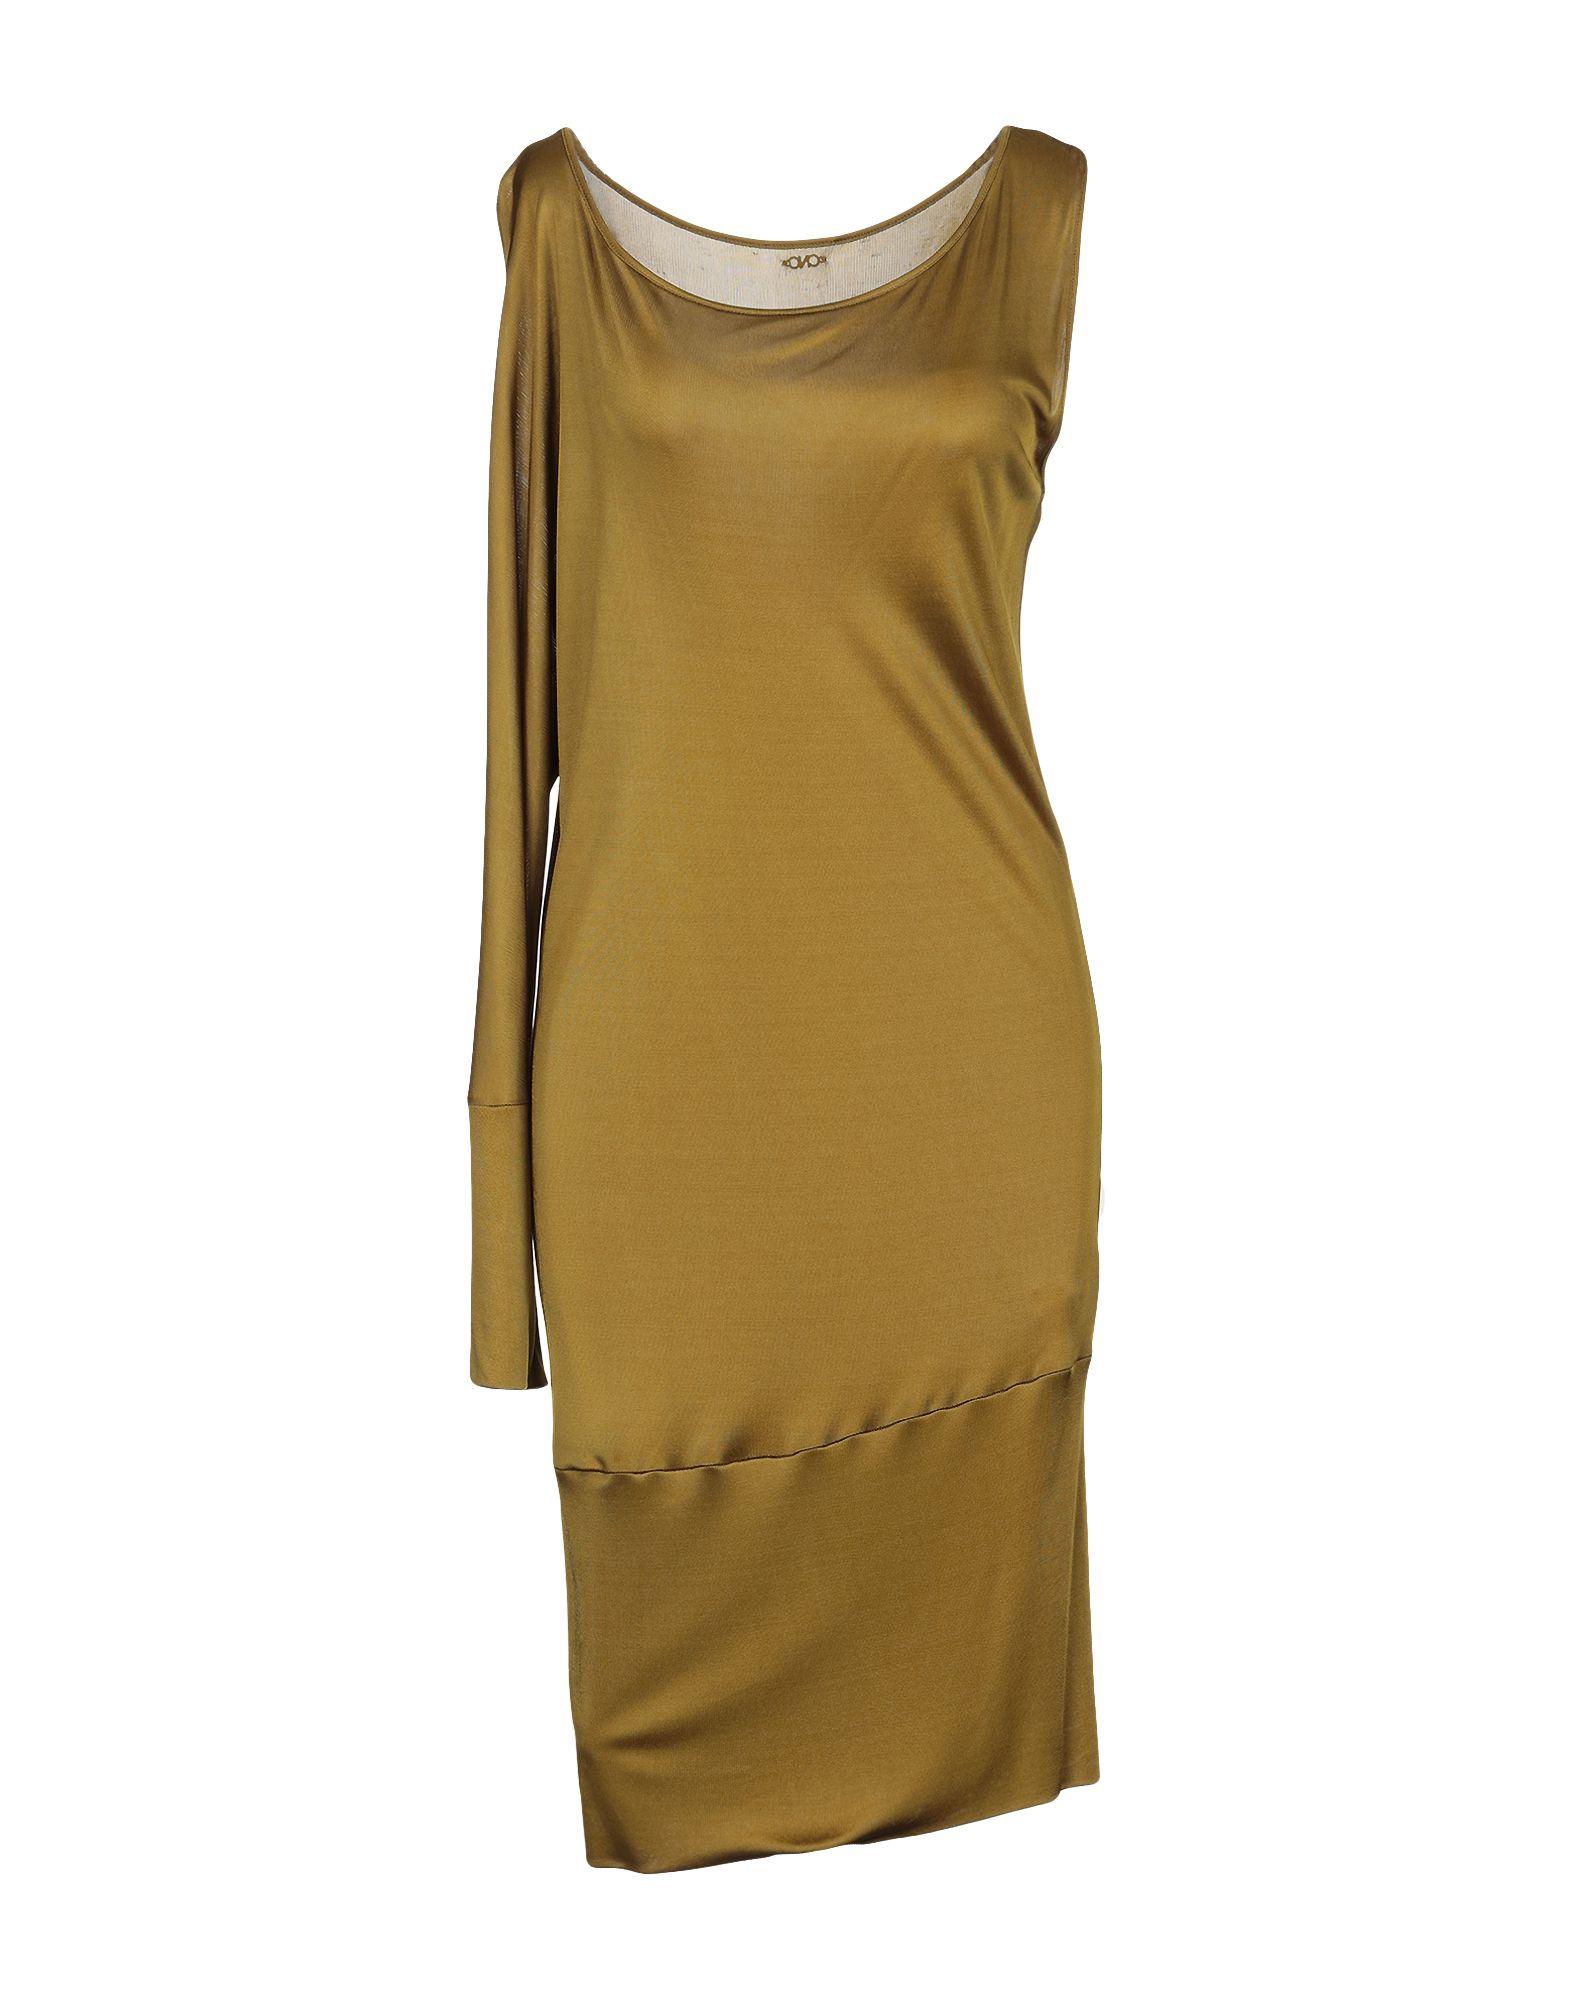 C'N'C' COSTUME NATIONAL Платье до колена юбка карандаш с застежкой на молнию costume national